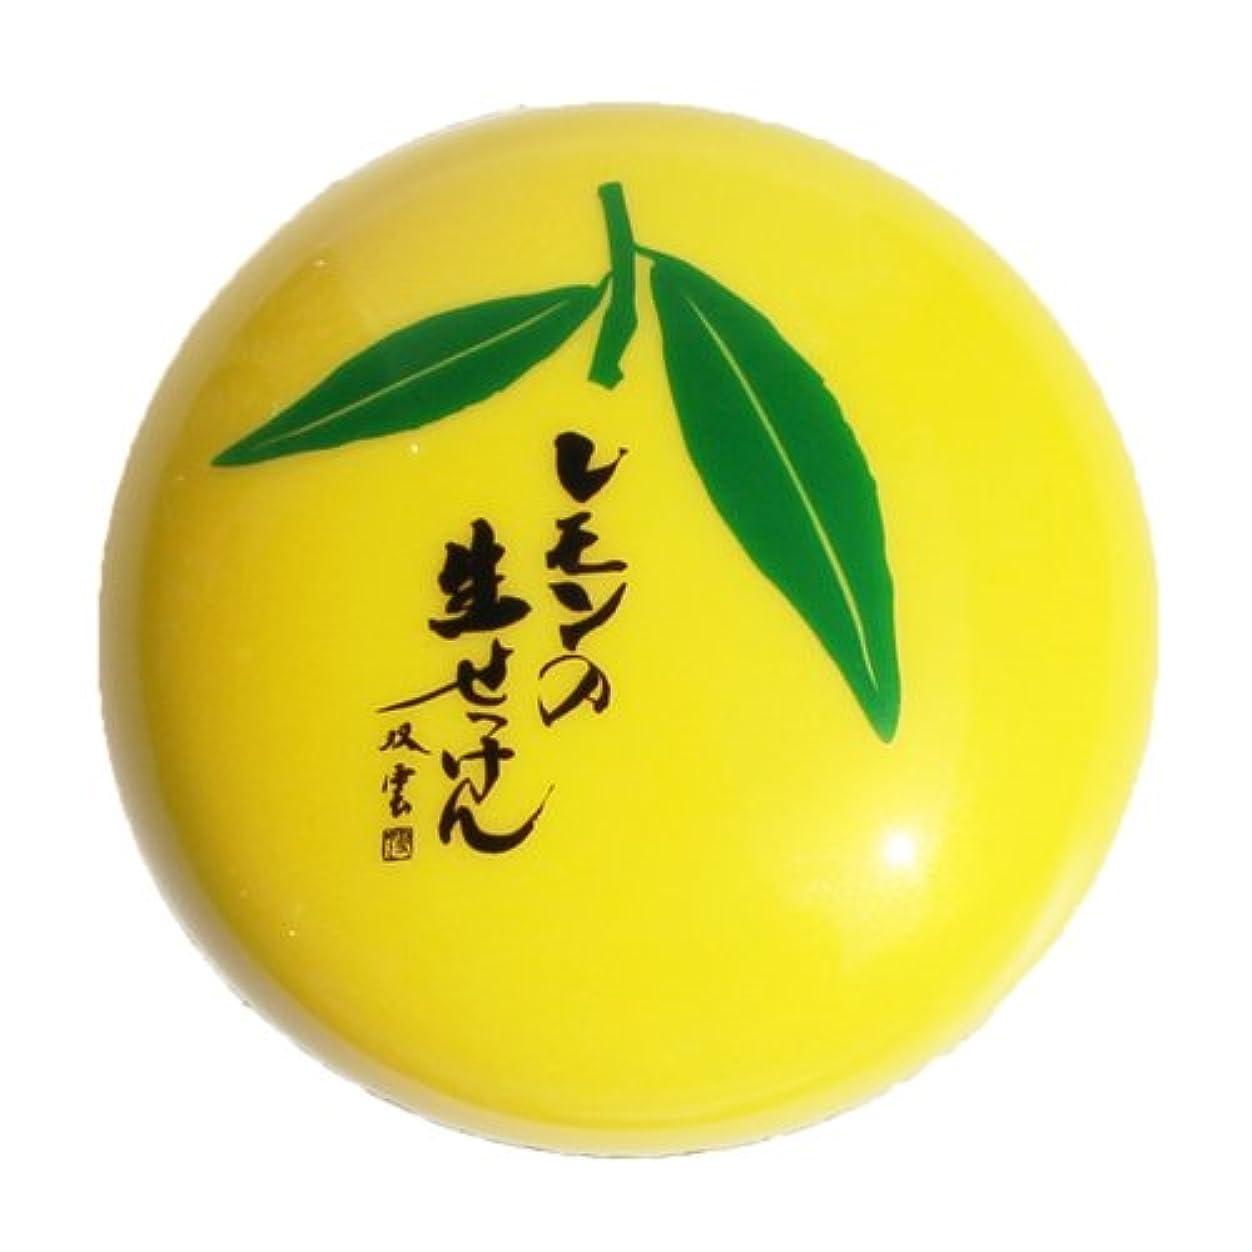 バラ色彼自身階段美香柑 レモンの生せっけん 50g